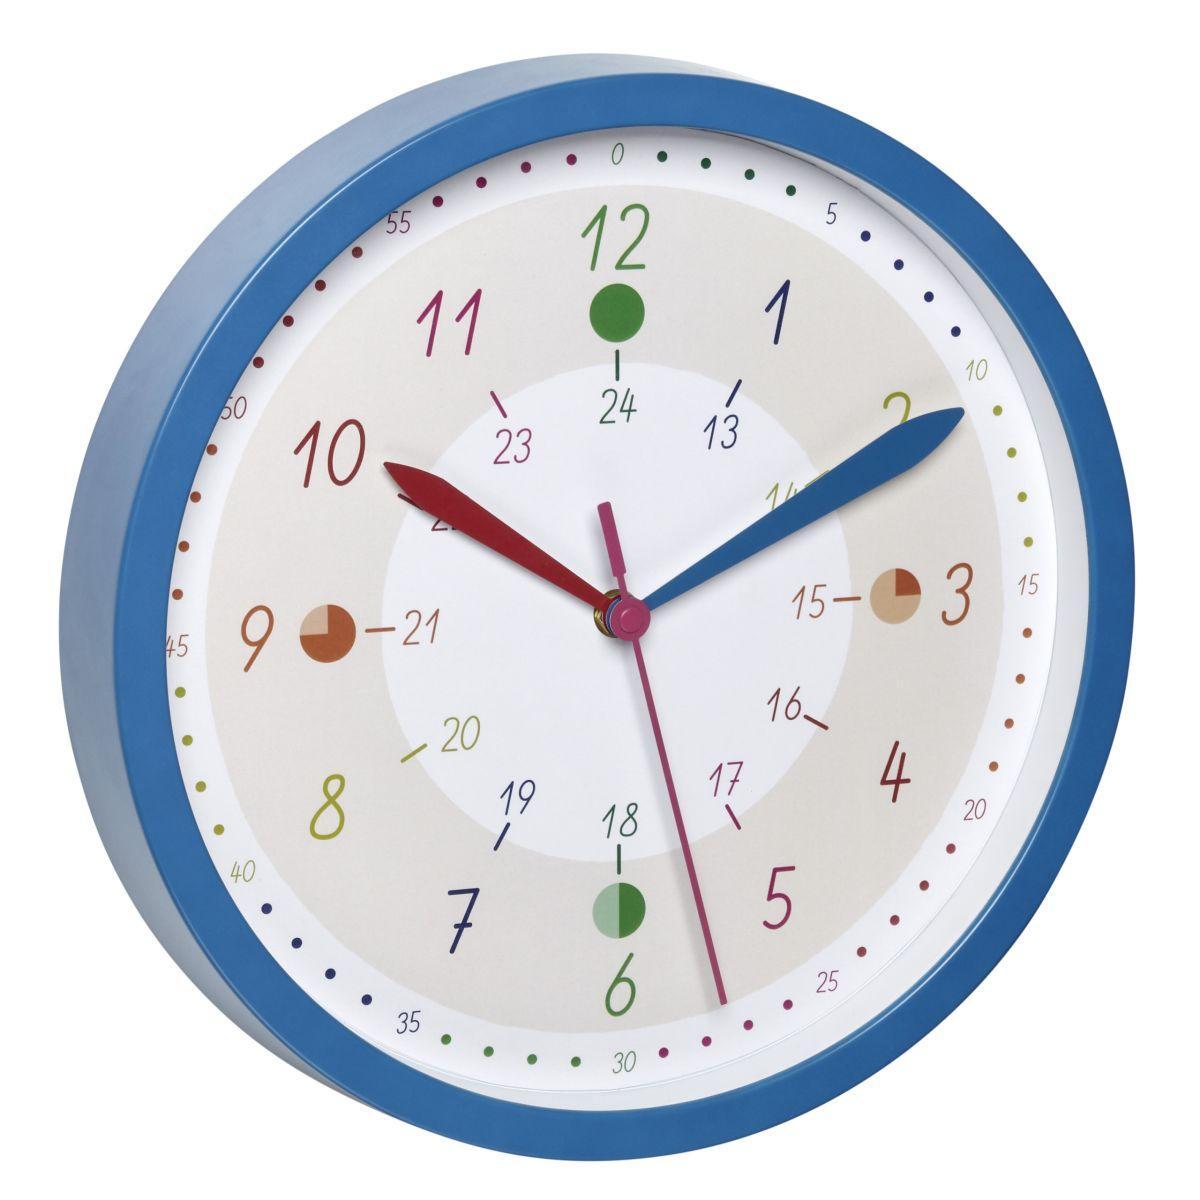 TFA 60.3058.06.90 TICK TACK - dětské nástěnné hodiny na účení